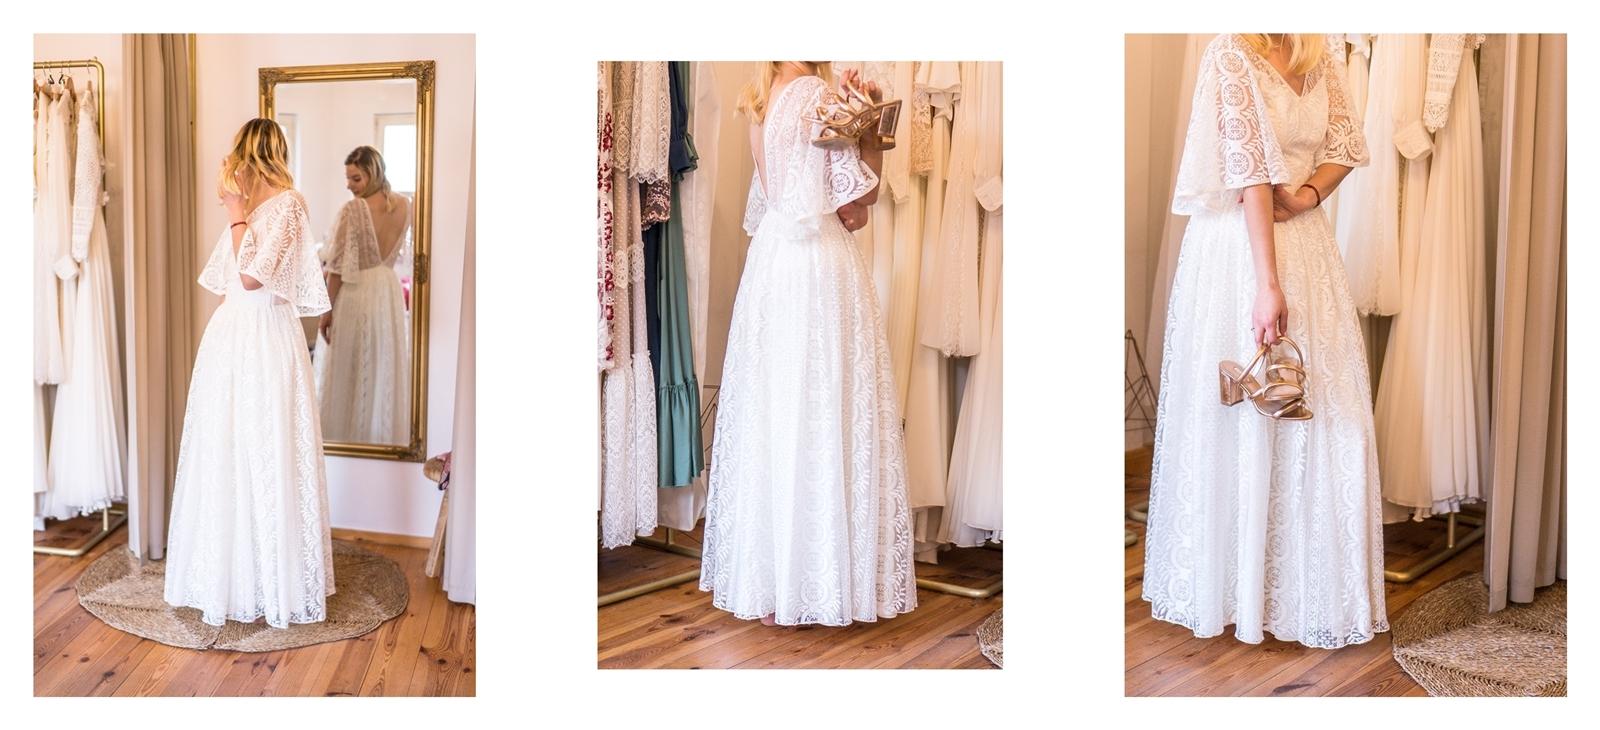 24 suknia ślubna boho sukienka ślubna krótka prosta z długim rękawem plus size księżniczka polskie projektantki tanie suknie ślubne do 1000zł do 2000 zł do 5 tys do 3 tys